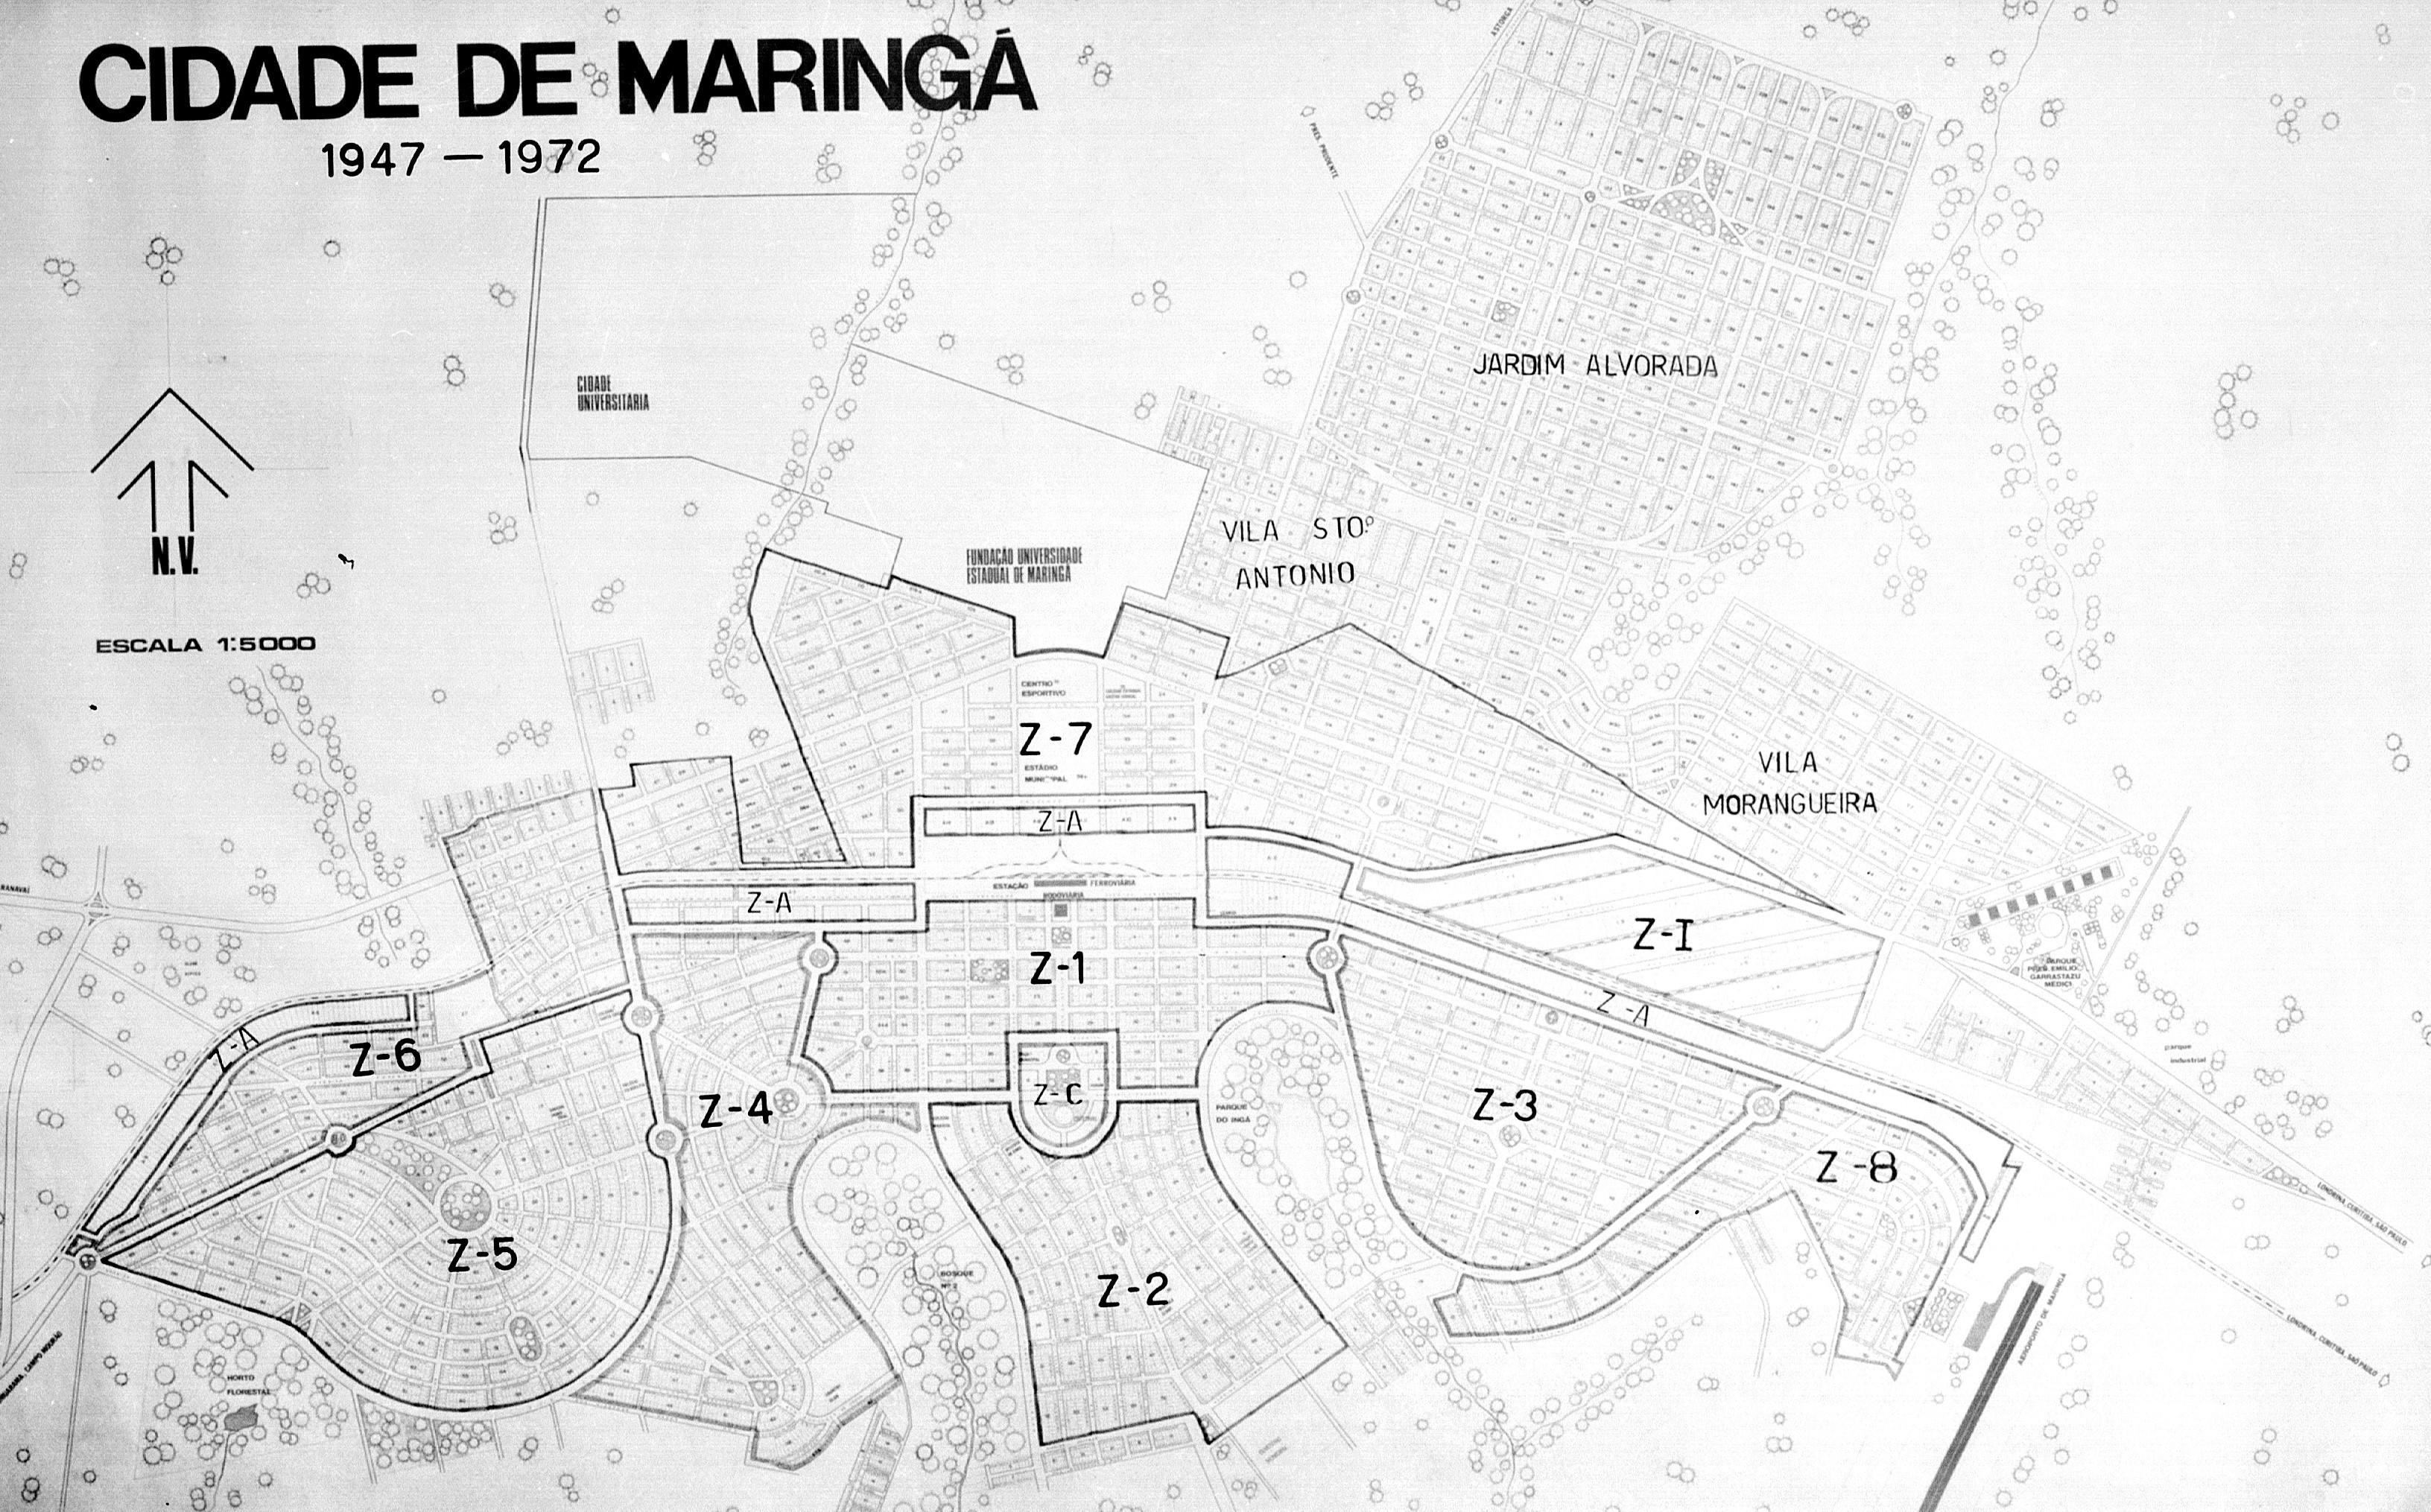 Zoneamento de Maringá em 1972